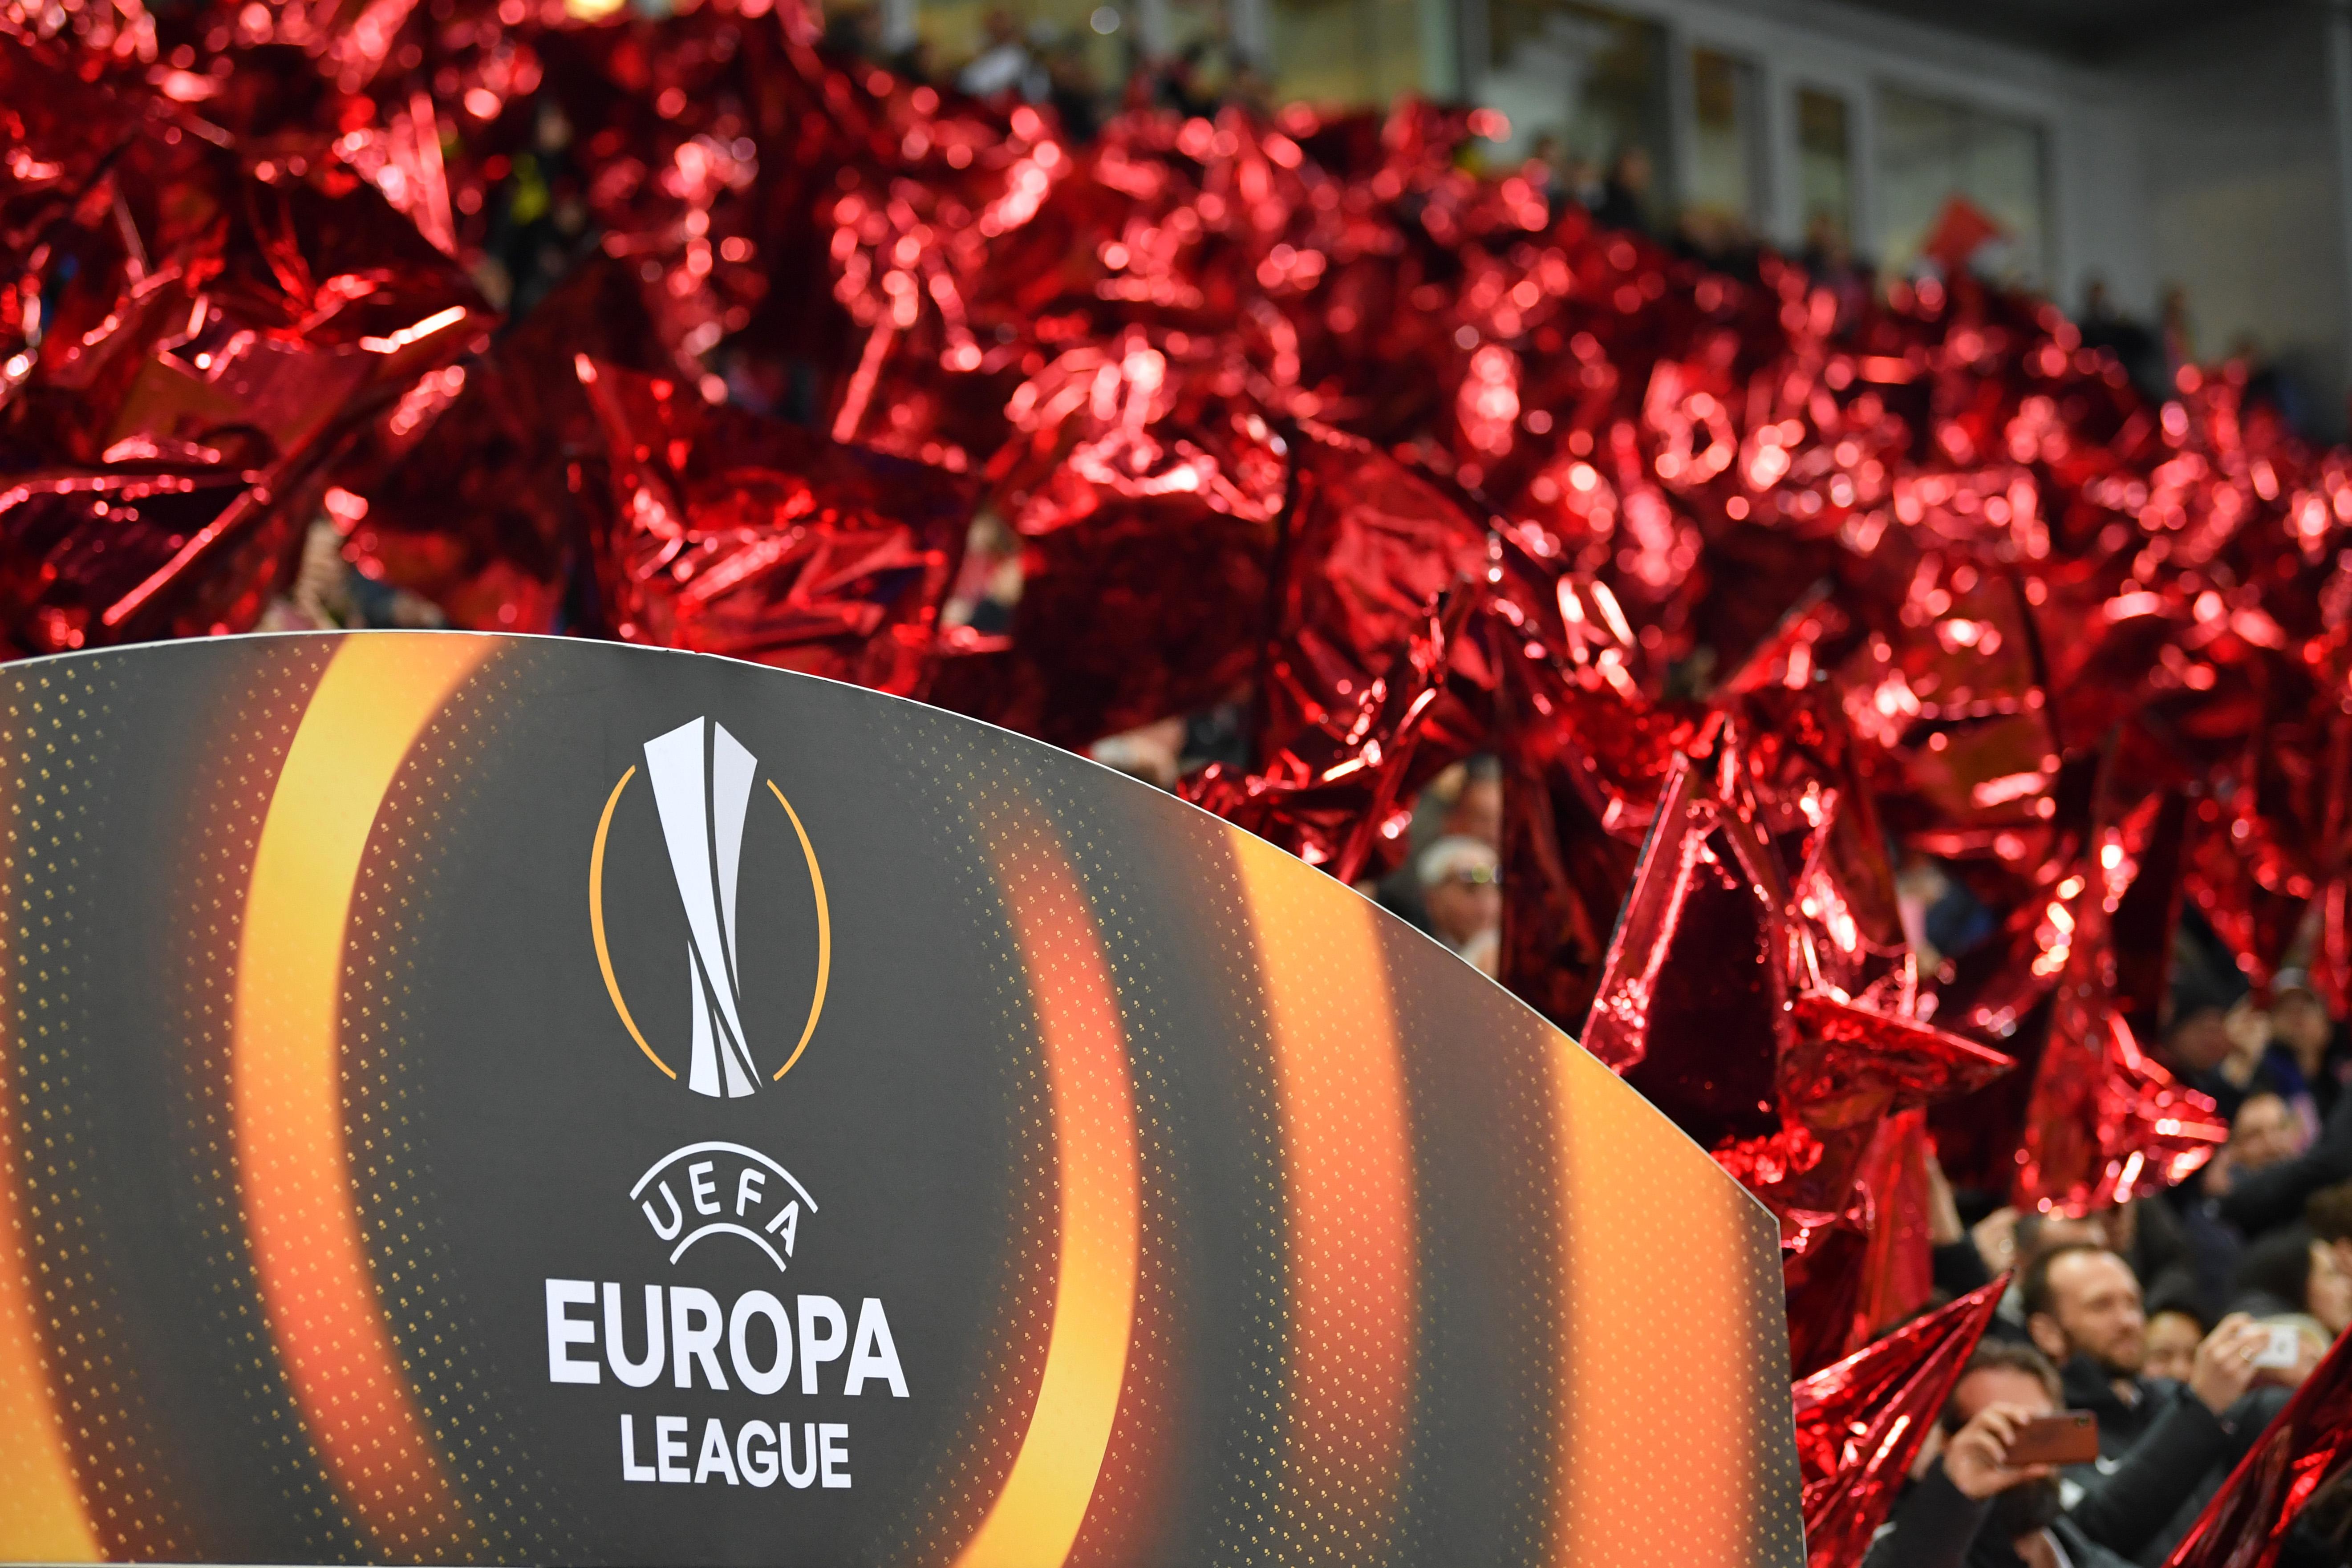 """Manchester United, AS Roma, Villarreal și Arsenal, """"careul de ași"""" din Europa League! Cum arată și când se joacă semifinalele"""